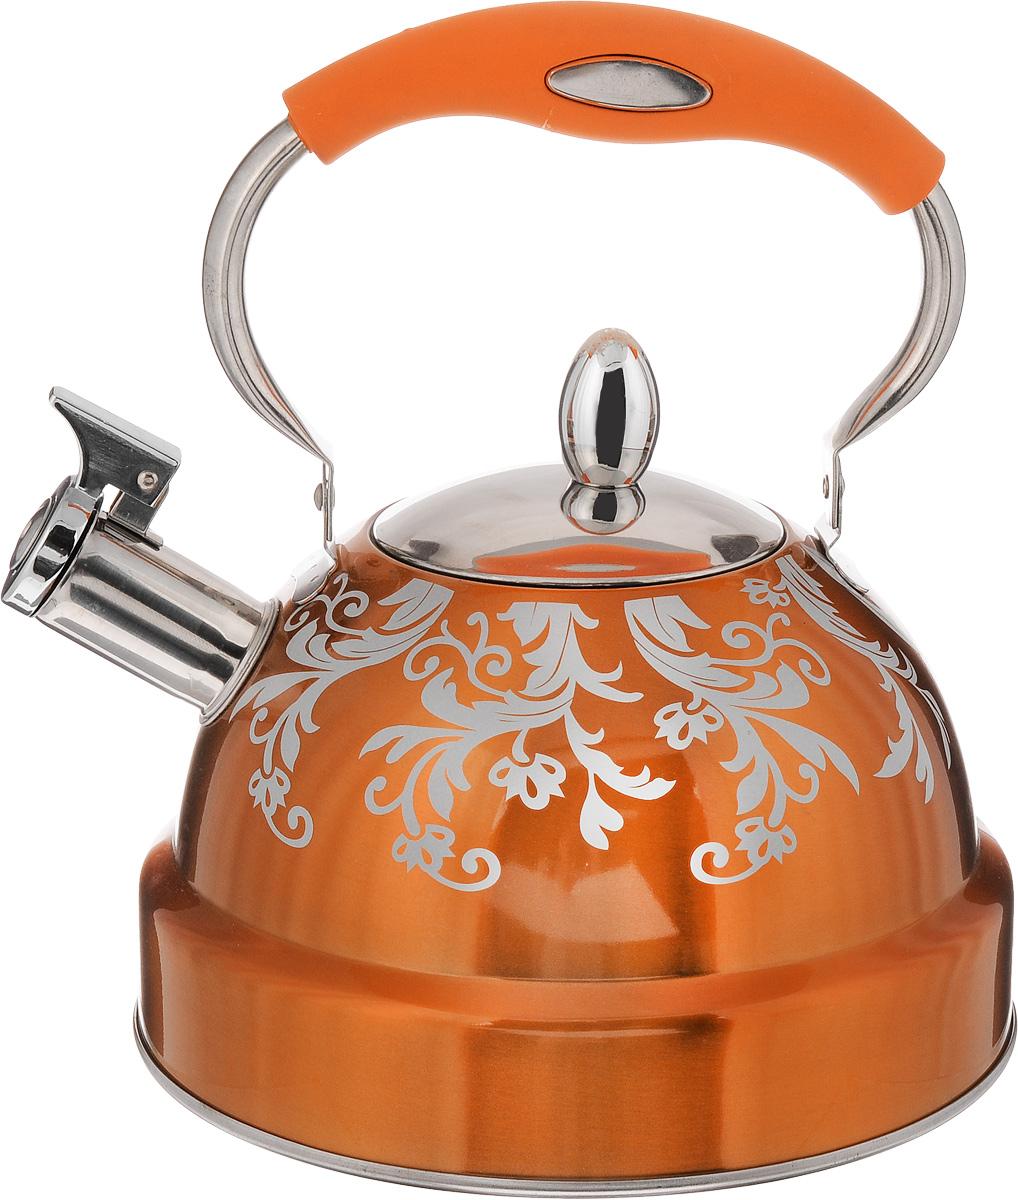 Чайник Mayer & Boch, со свистком, цвет: стальной, оранжевый, 3,5 л. 24887VT-1520(SR)Чайник Mayer & Boch - это сочетание традиций и ультрасовременных материалов. Чайник выполнен из высококачественной нержавеющей стали 18/10. Внешнее термостойкое лаковое покрытие облегчает уход и обеспечивает привлекательный внешний вид долгое время. Оригинальные узоры на корпусе сделают чайник ярким элементом интерьера кухни. Подвижная ручка чайника снабжена пластиковой вставкой с силиконовым покрытием, это позволяет с легкостью снимать горячий чайник без прихваток. Капсулированное дно обеспечивает быстрый нагрев и сохранение температуры воды. Чайник оснащен откидным свистком, который громким сигналом подскажет, когда вода закипела. Подходит для всех типов плит, кроме индукционных. Можно мыть в посудомоечной машине. Диаметр отверстия (по верхнему краю): 10 см. Диаметр основания: 22 см. Высота (без учета ручки): 13 см.